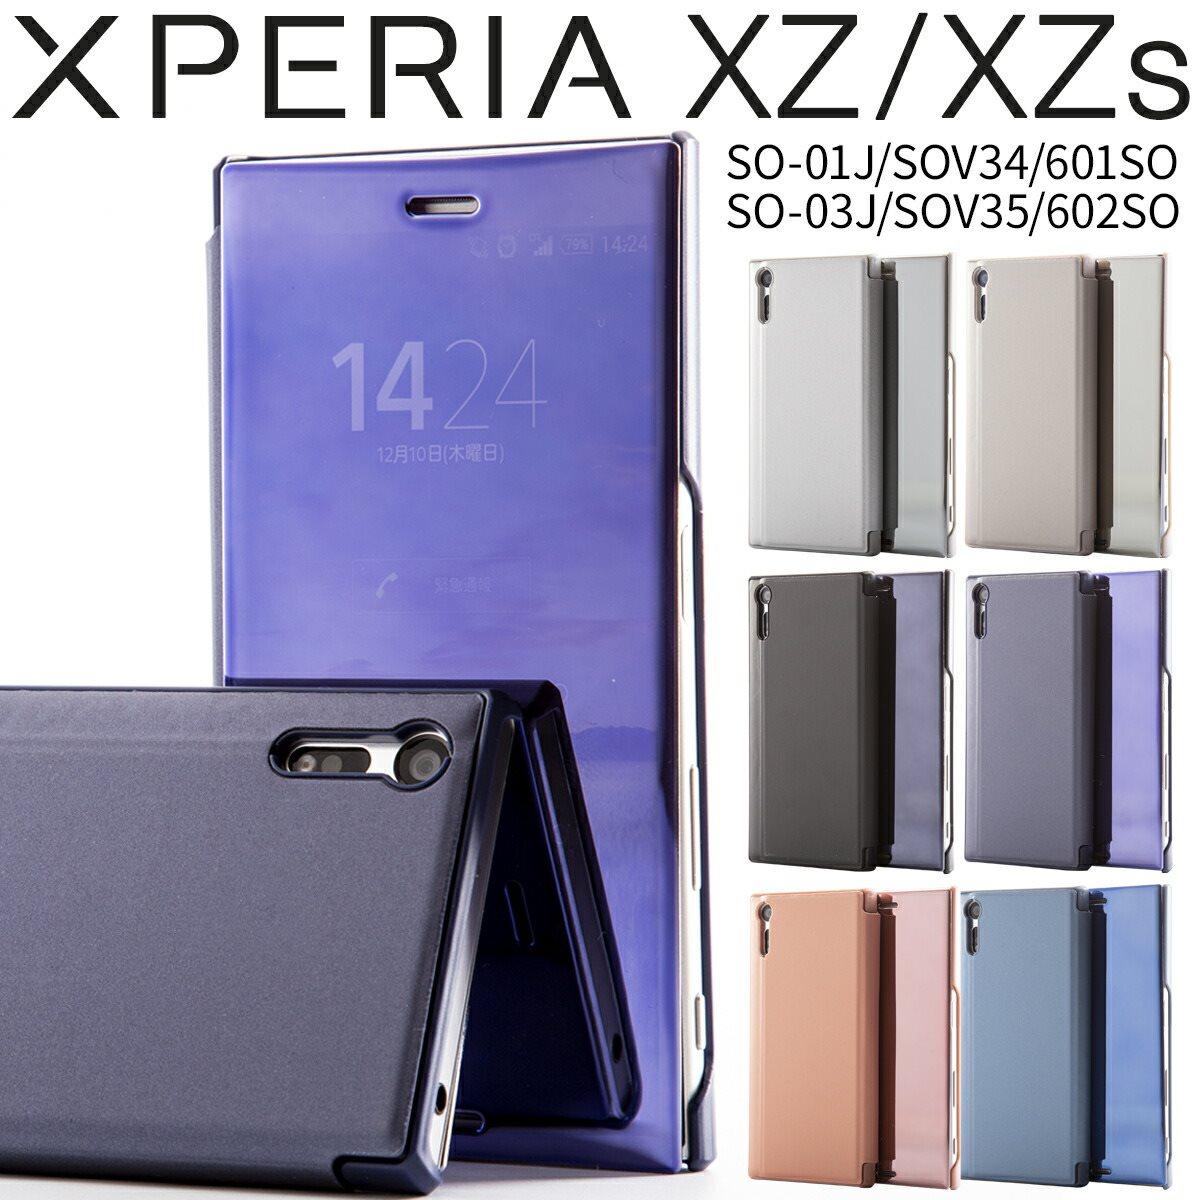 XperiaXZ/XZs SO-01J/SOV34/SO-03J/SOV35 半透明手帳型ケース | エクスペリア Xperia エックスゼット エックスゼットエス スケルトン スマホ カバー ケース おしゃれ 人気 送料無料 スマートフォン かっこいい スタイリッシュ